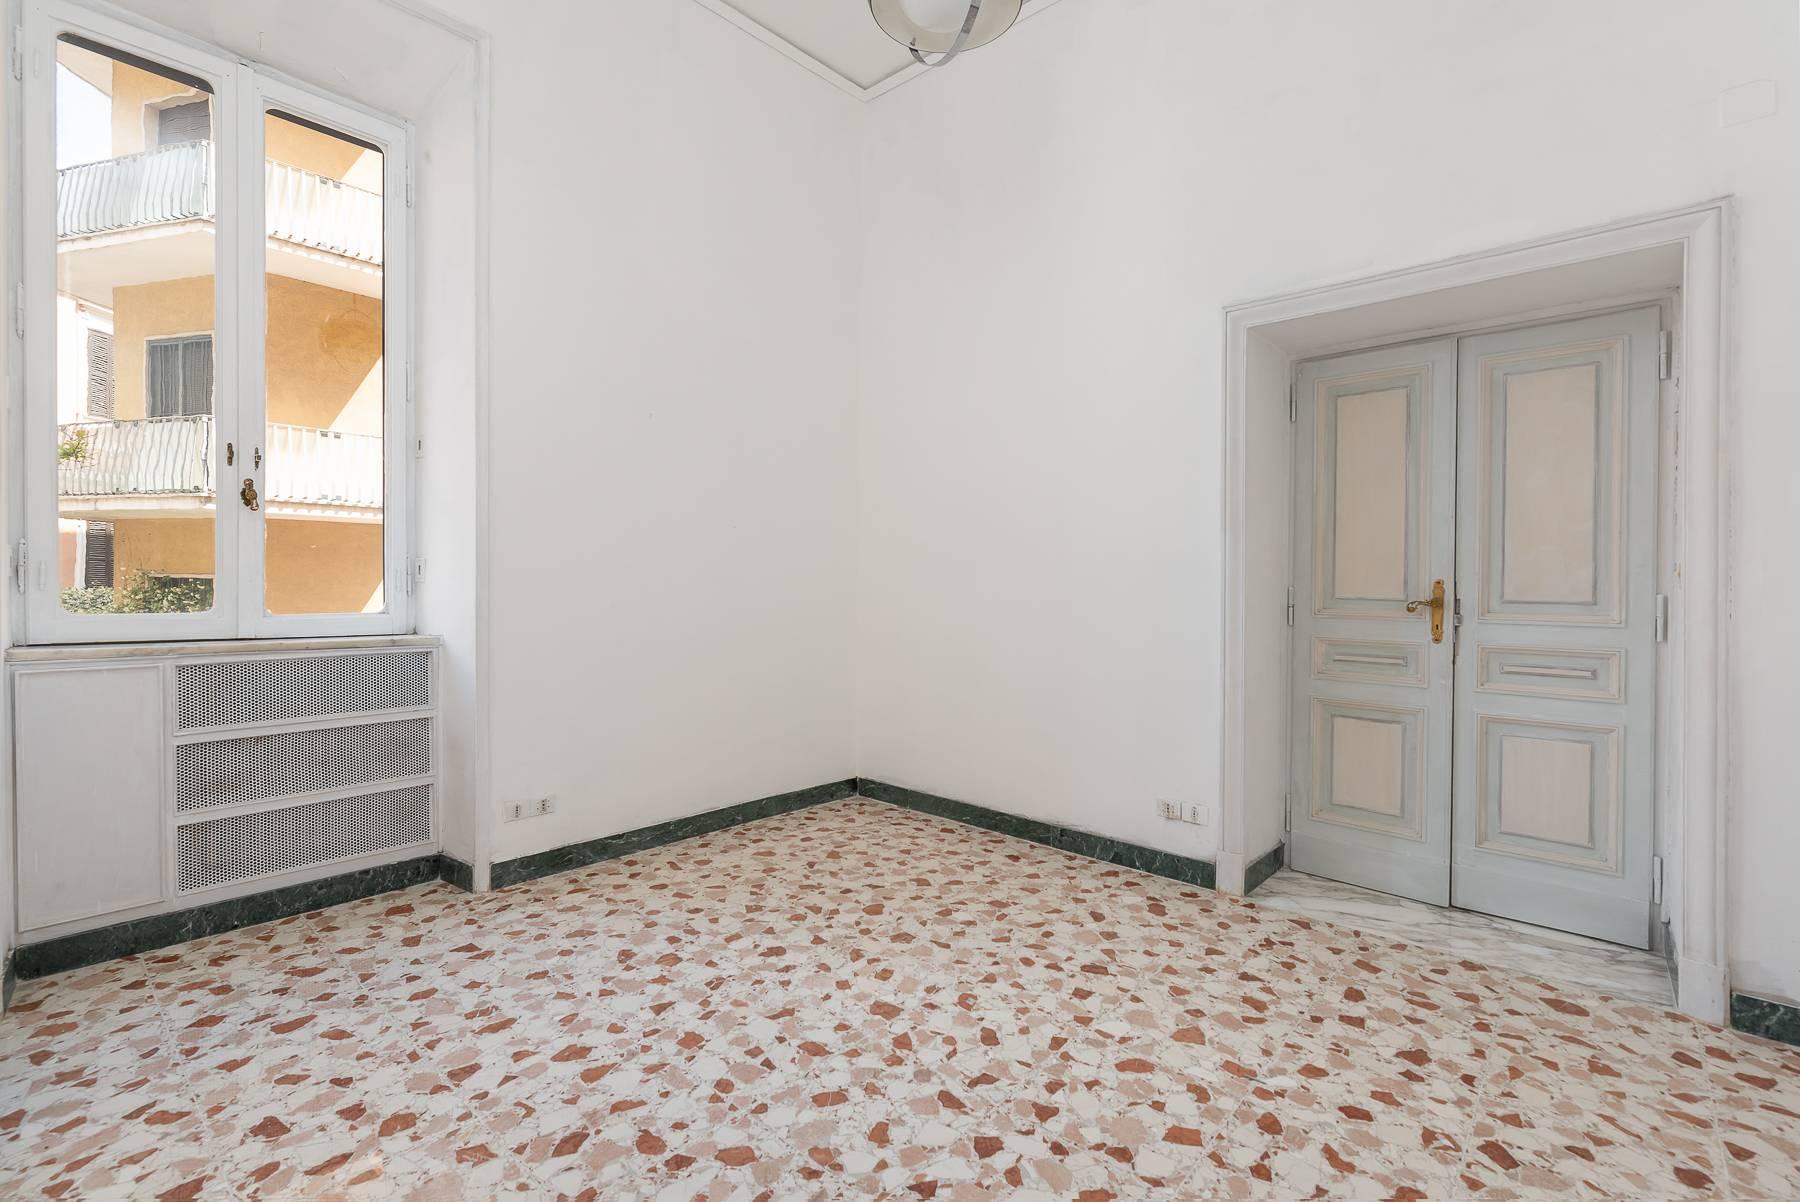 Elégant et spacieux appartement avec terrasse, jardin et garage. - 9